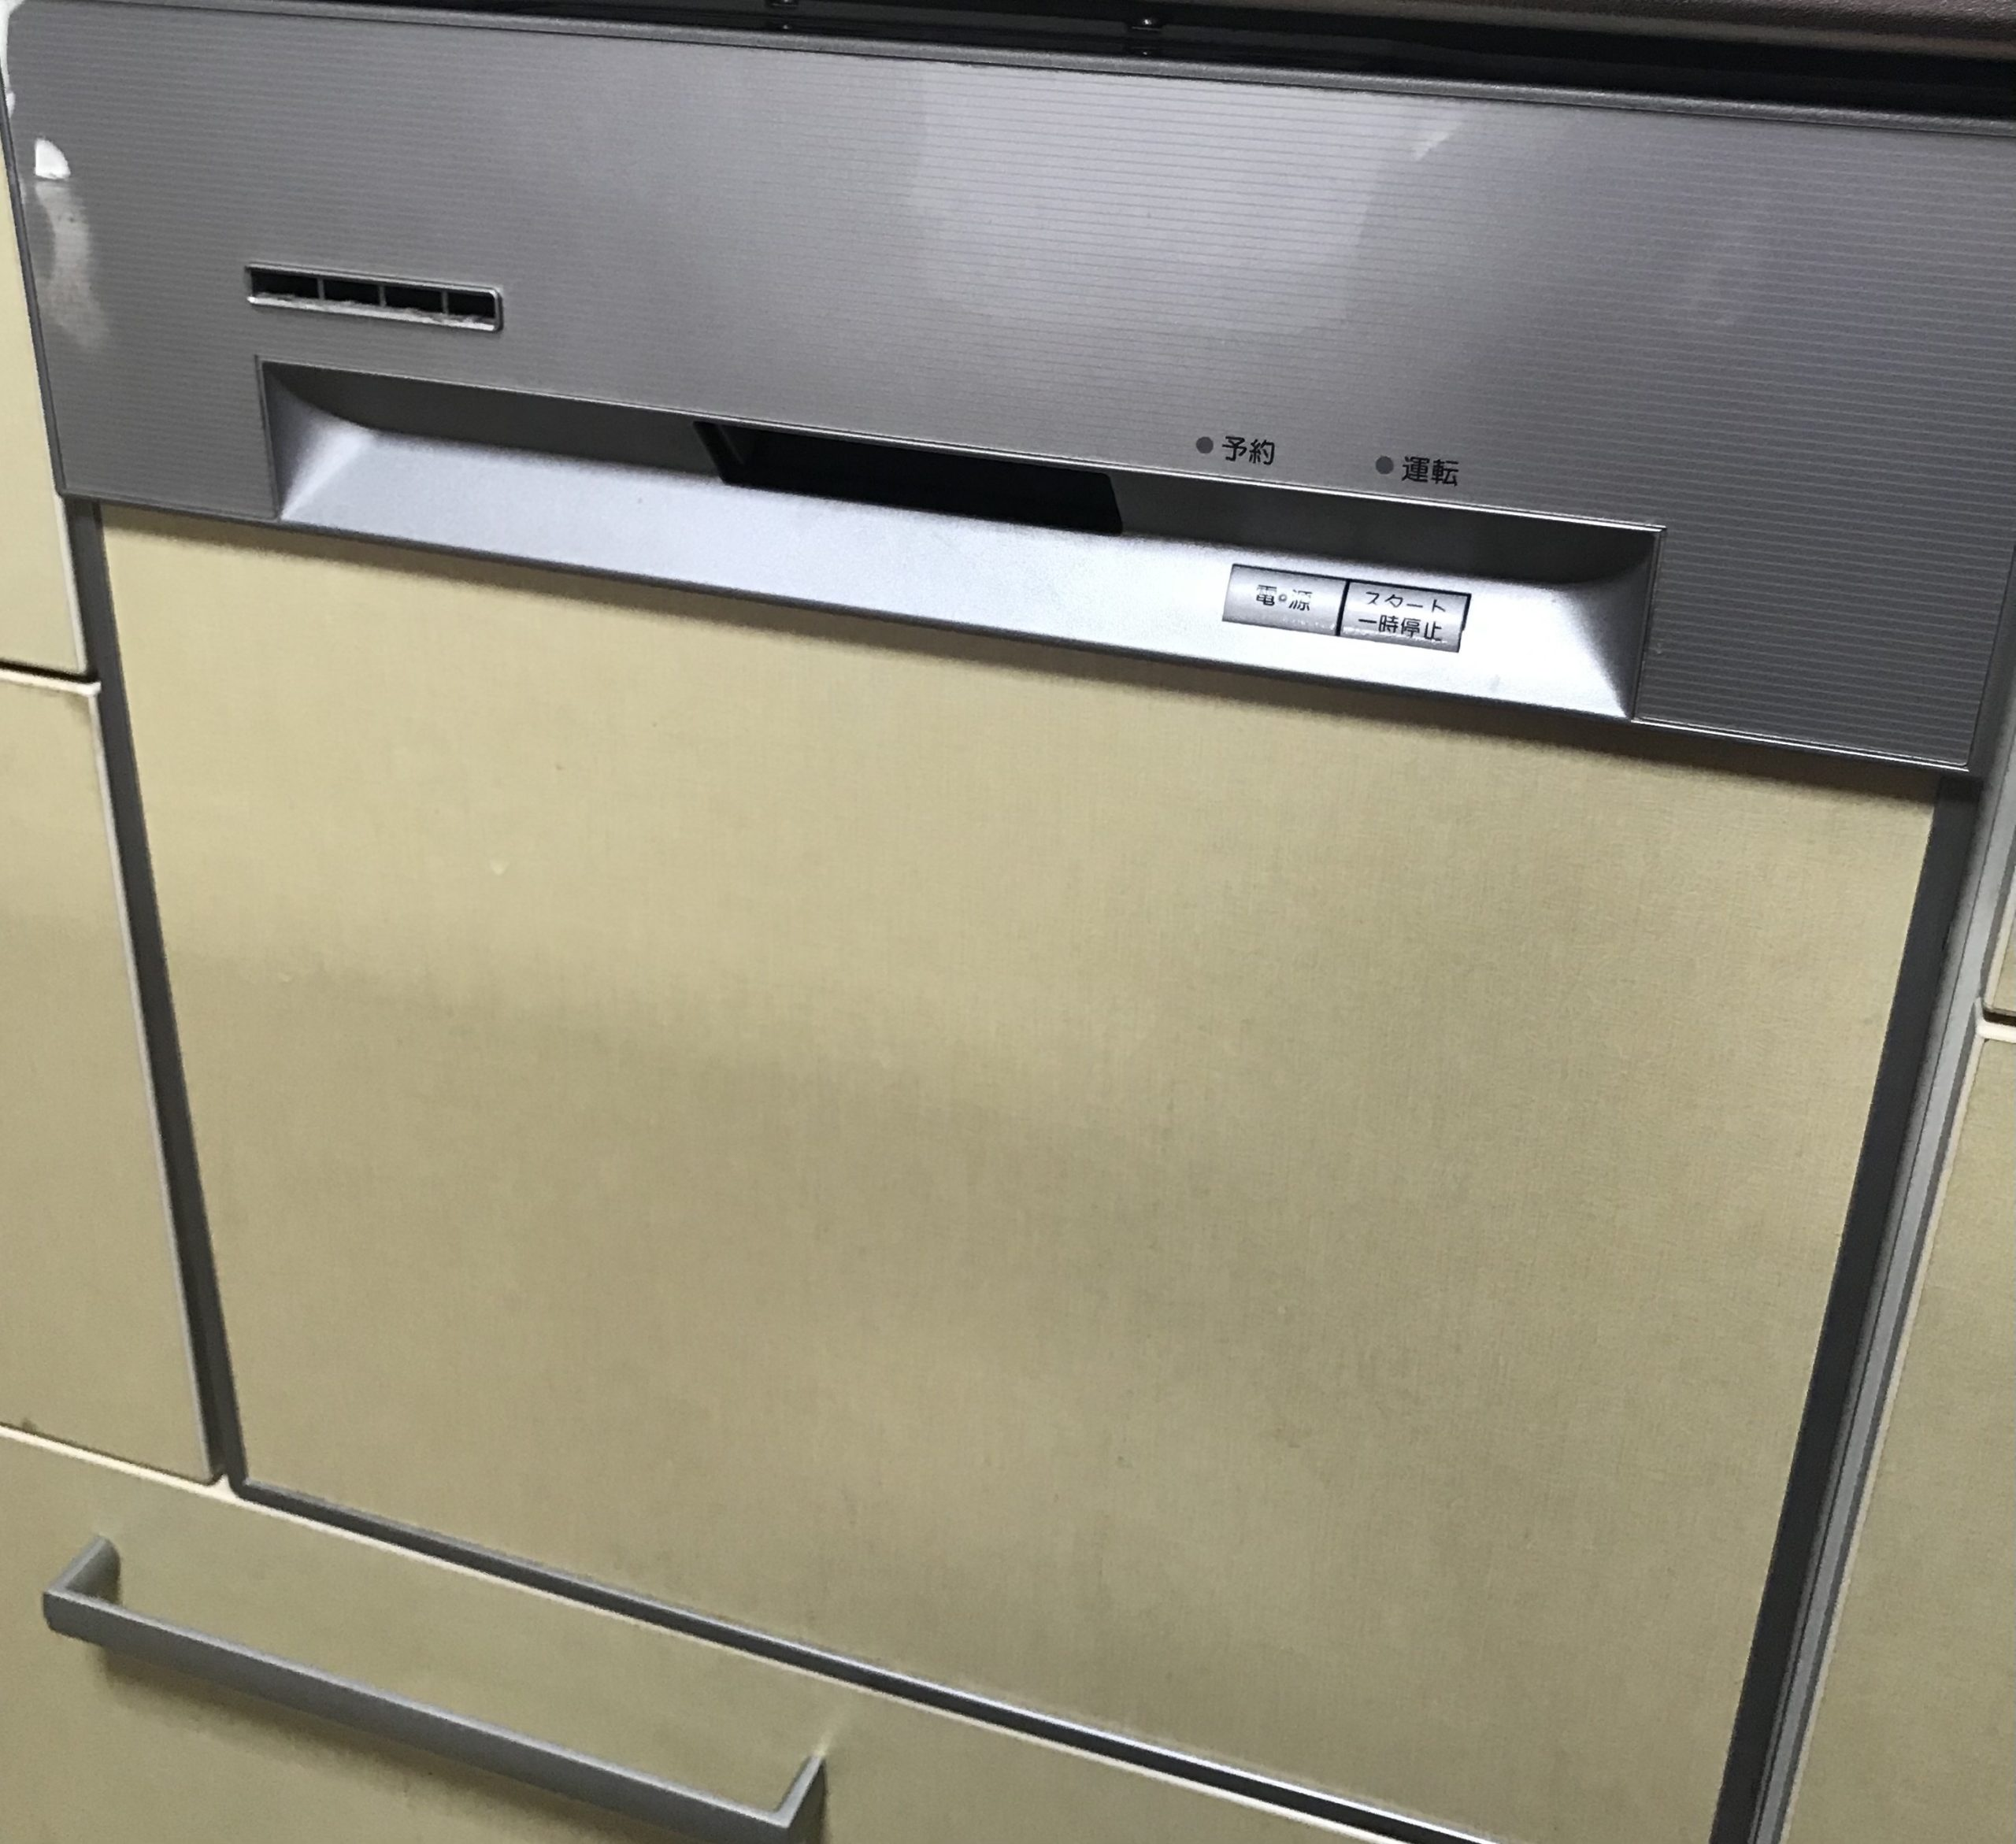 ボタンが押せない 食洗器